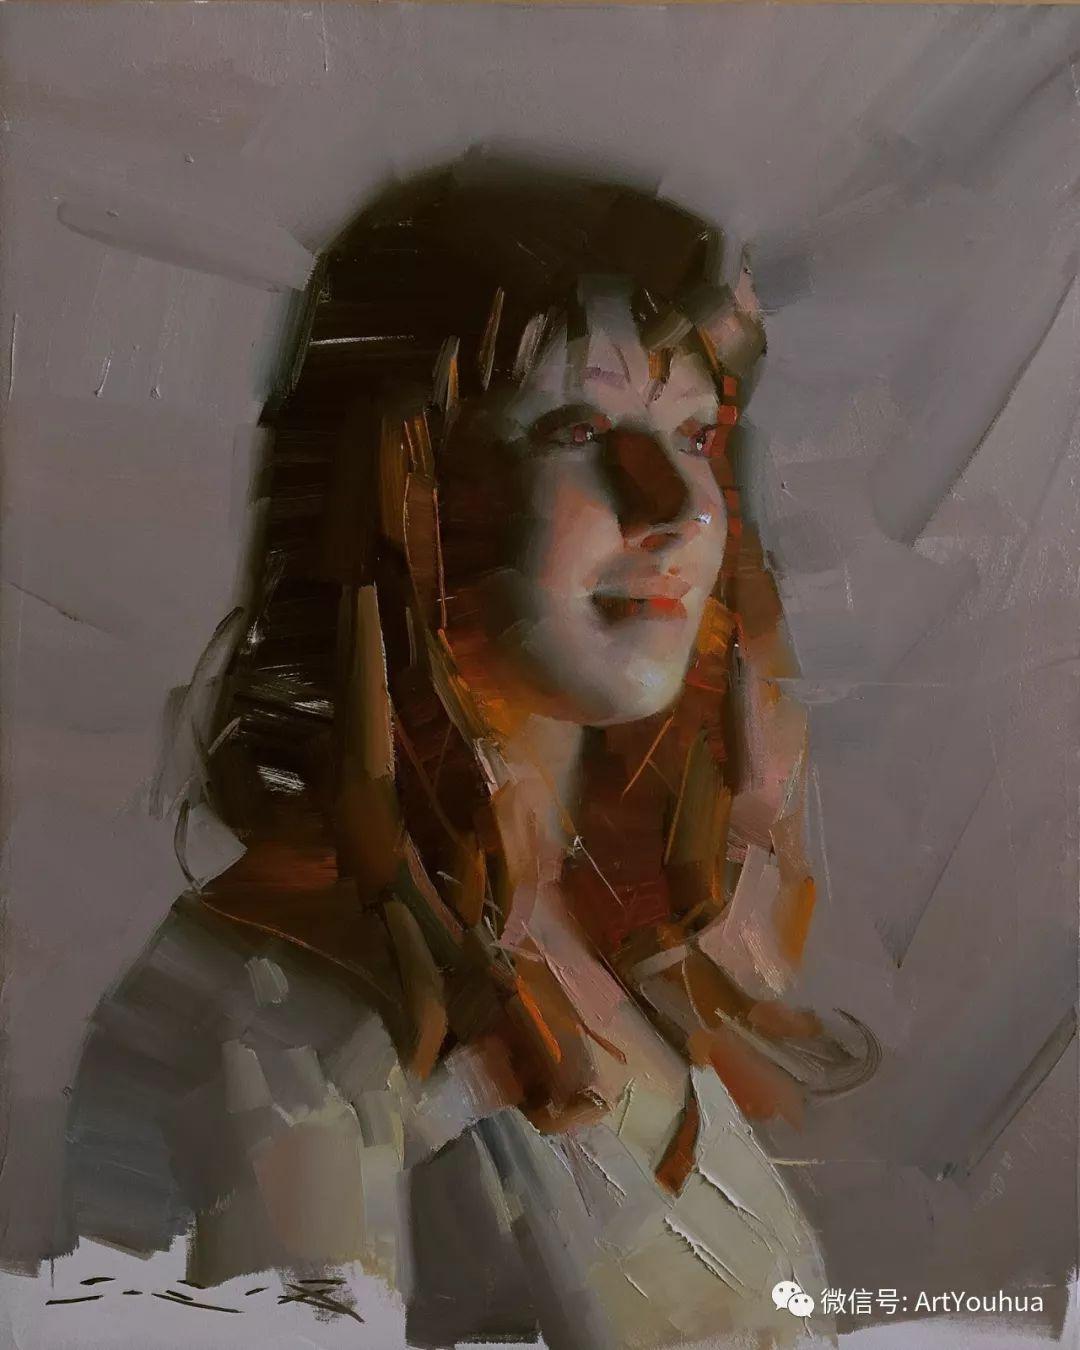 他的人物肖像绘画独具一格 还是位80后画家插图71